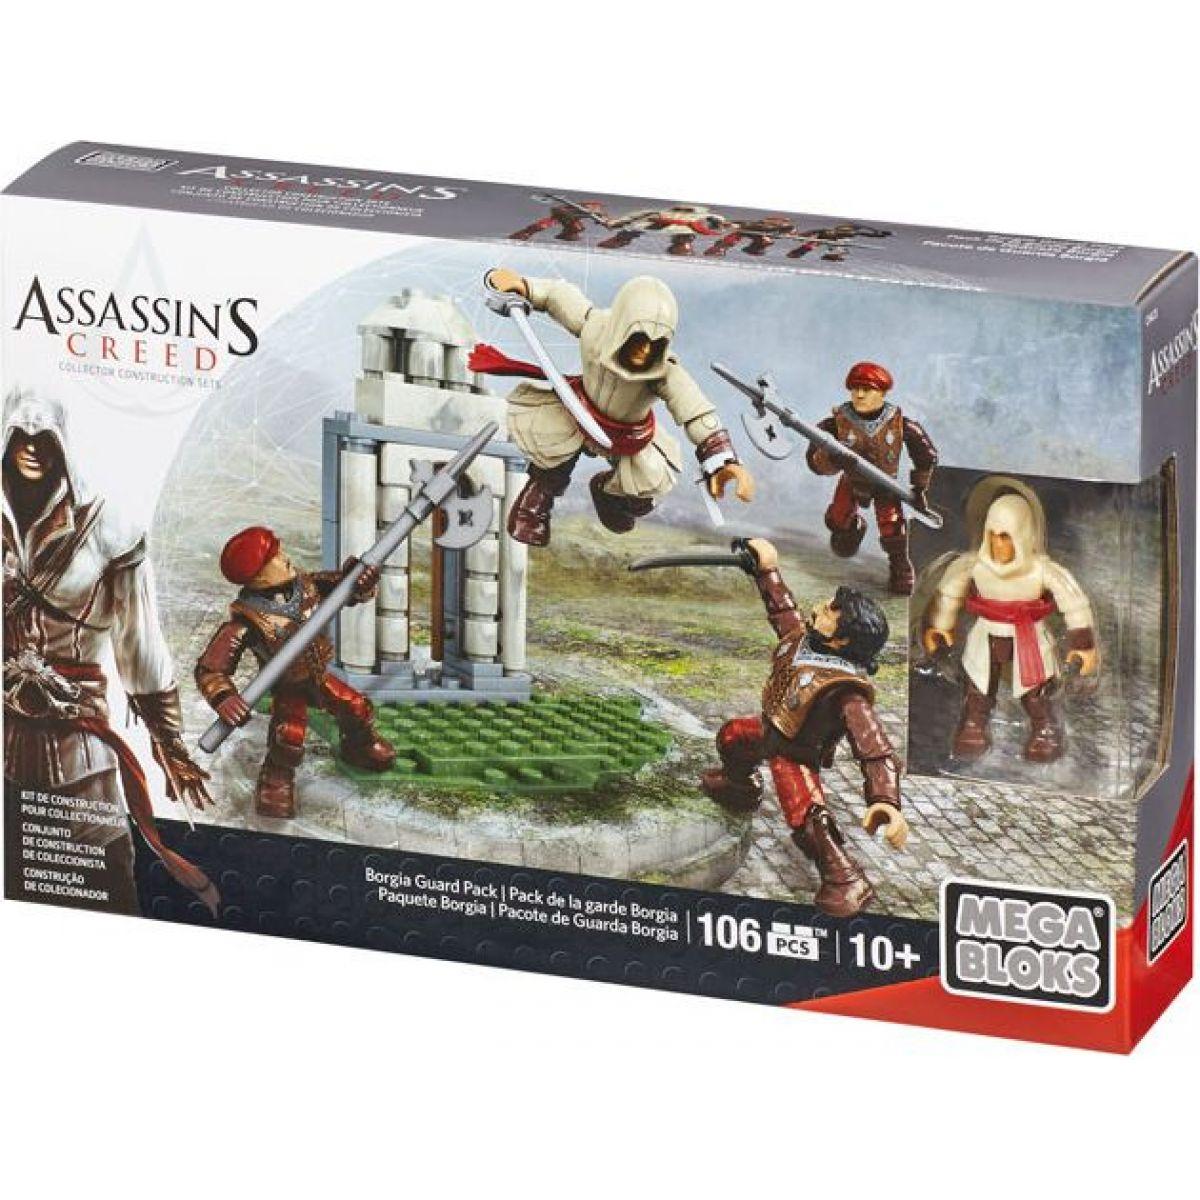 Megabloks Assassin's Creed bojový prapor - Borgia Guard Pack